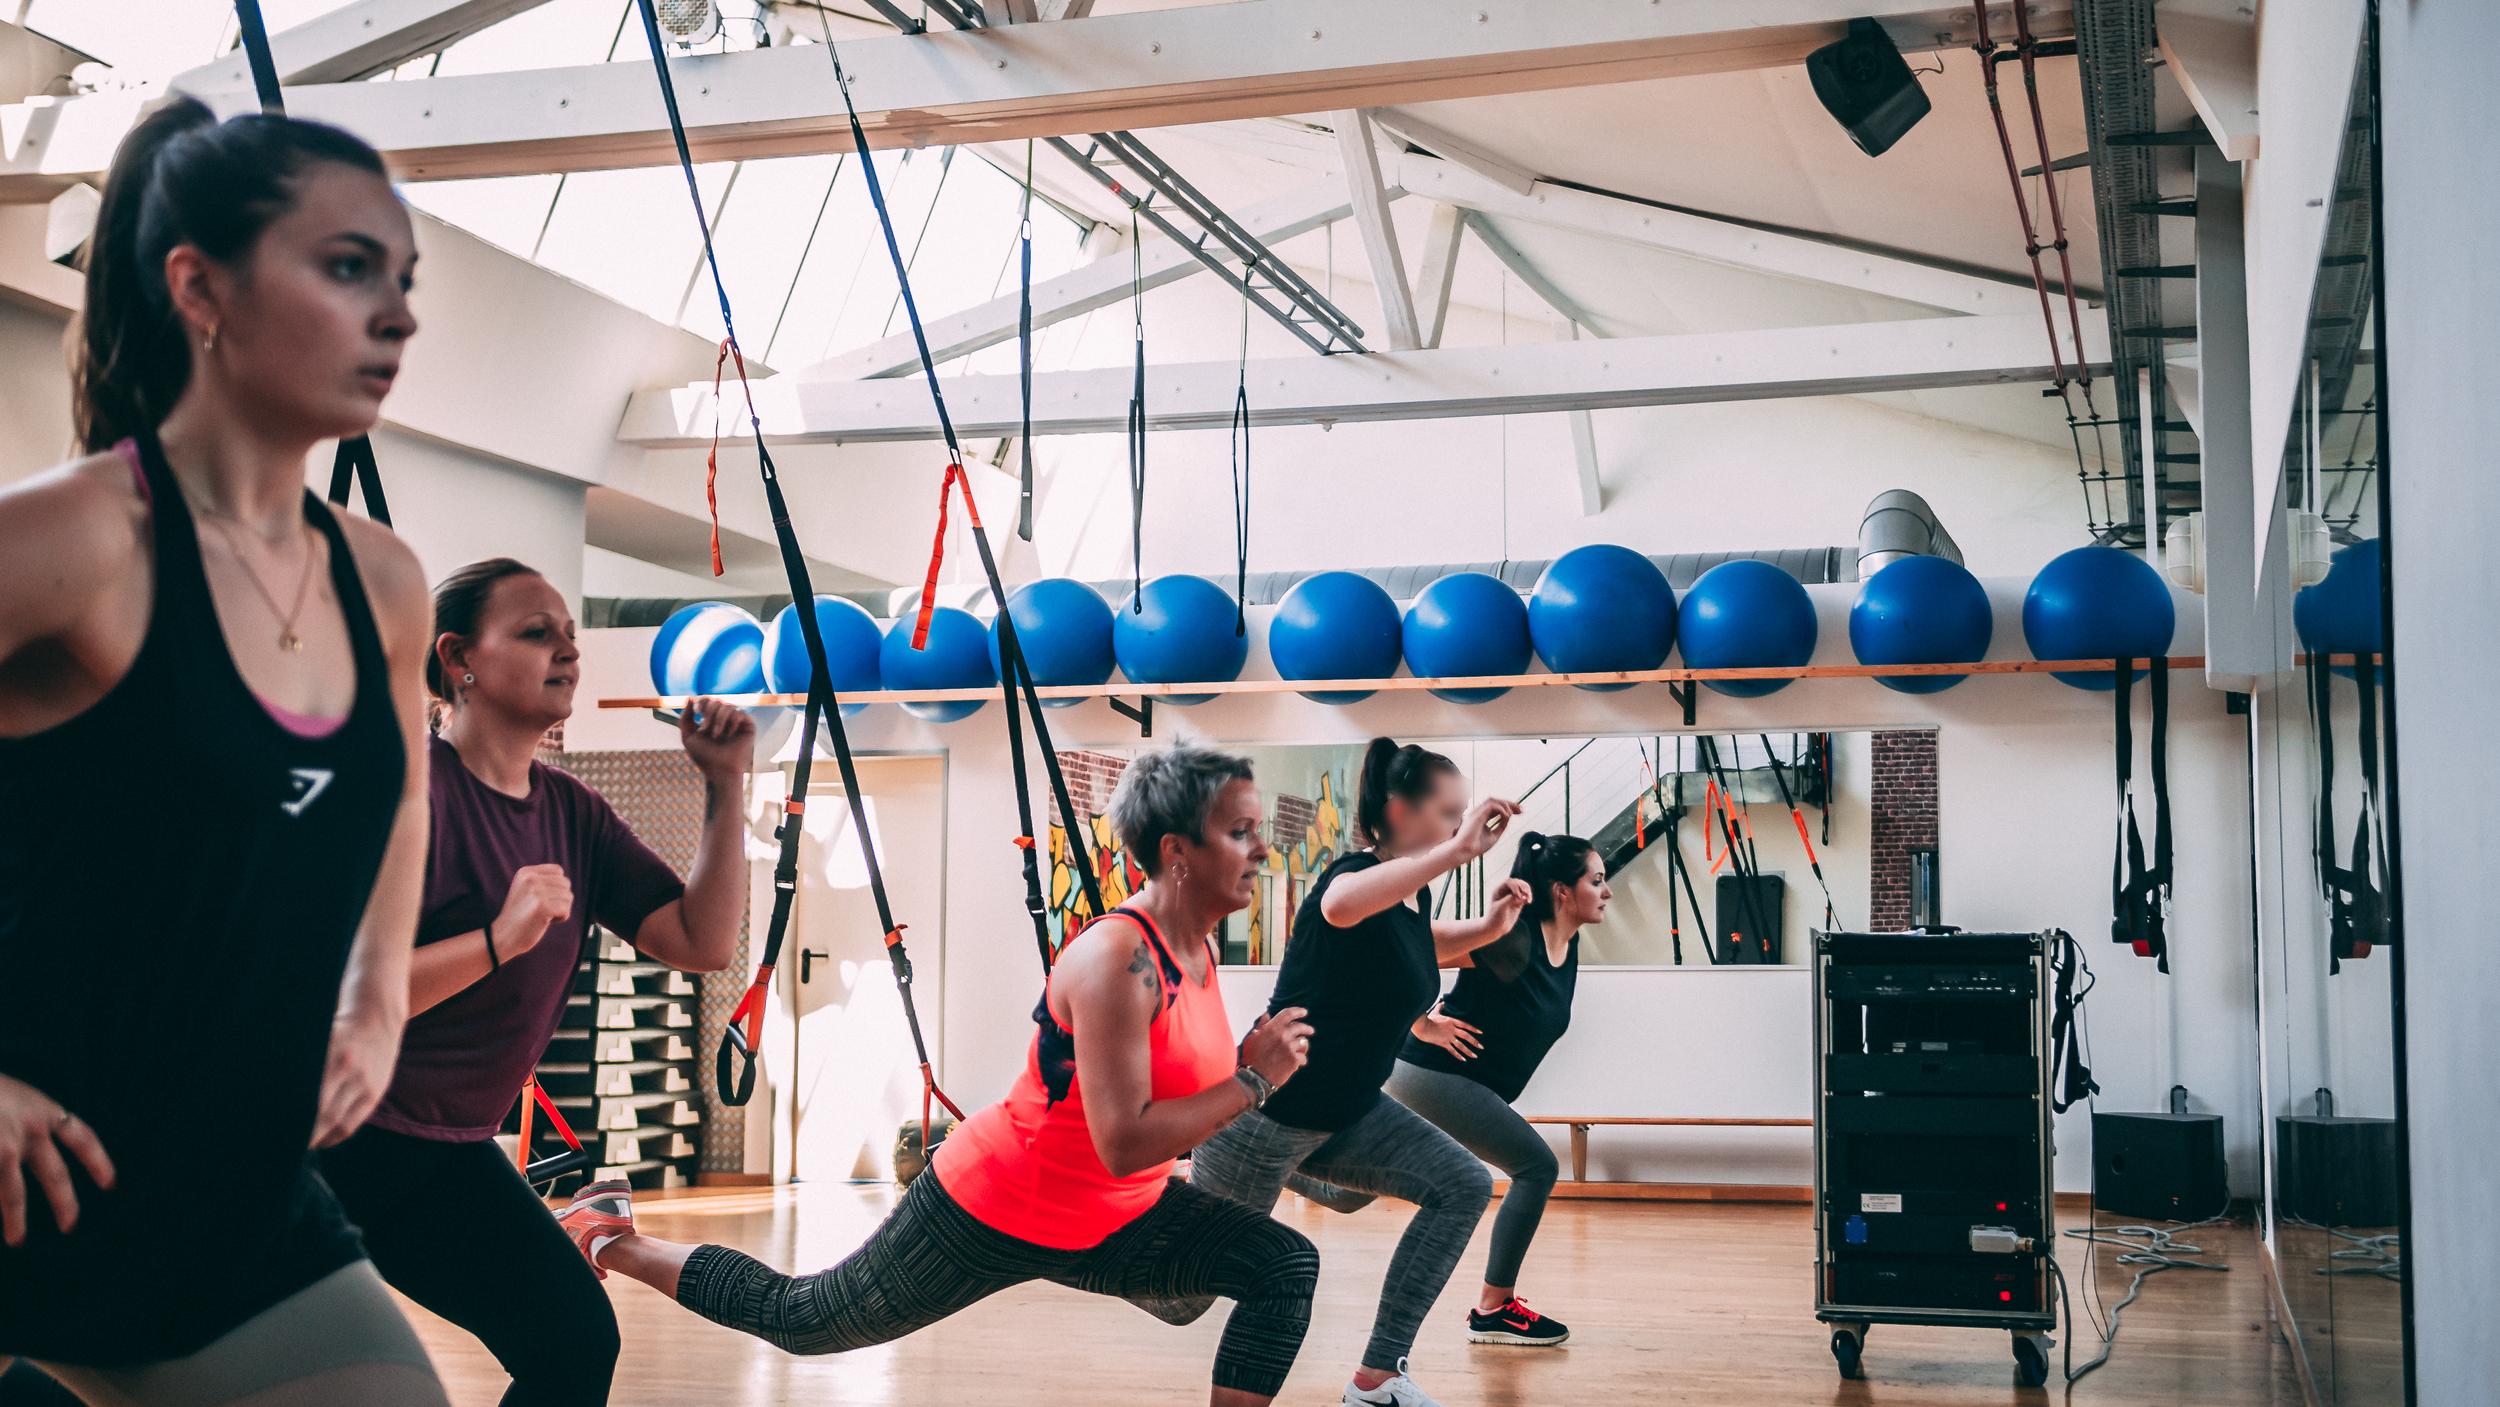 TRX - Was ist TRX Suspension Training? TRX Suspension Training ist ein hoch effektives Ganzkörper-Workout unter Einsatz eines nicht elastischen Gurtsystems, bei dem das eigene Körpergewicht als Trainingswiderstand sowohl im Stehen als auch im Liegen genutzt wird. *Mit Voranmeldung, da begrenzte TRX Gurte*Instructor: Ramona